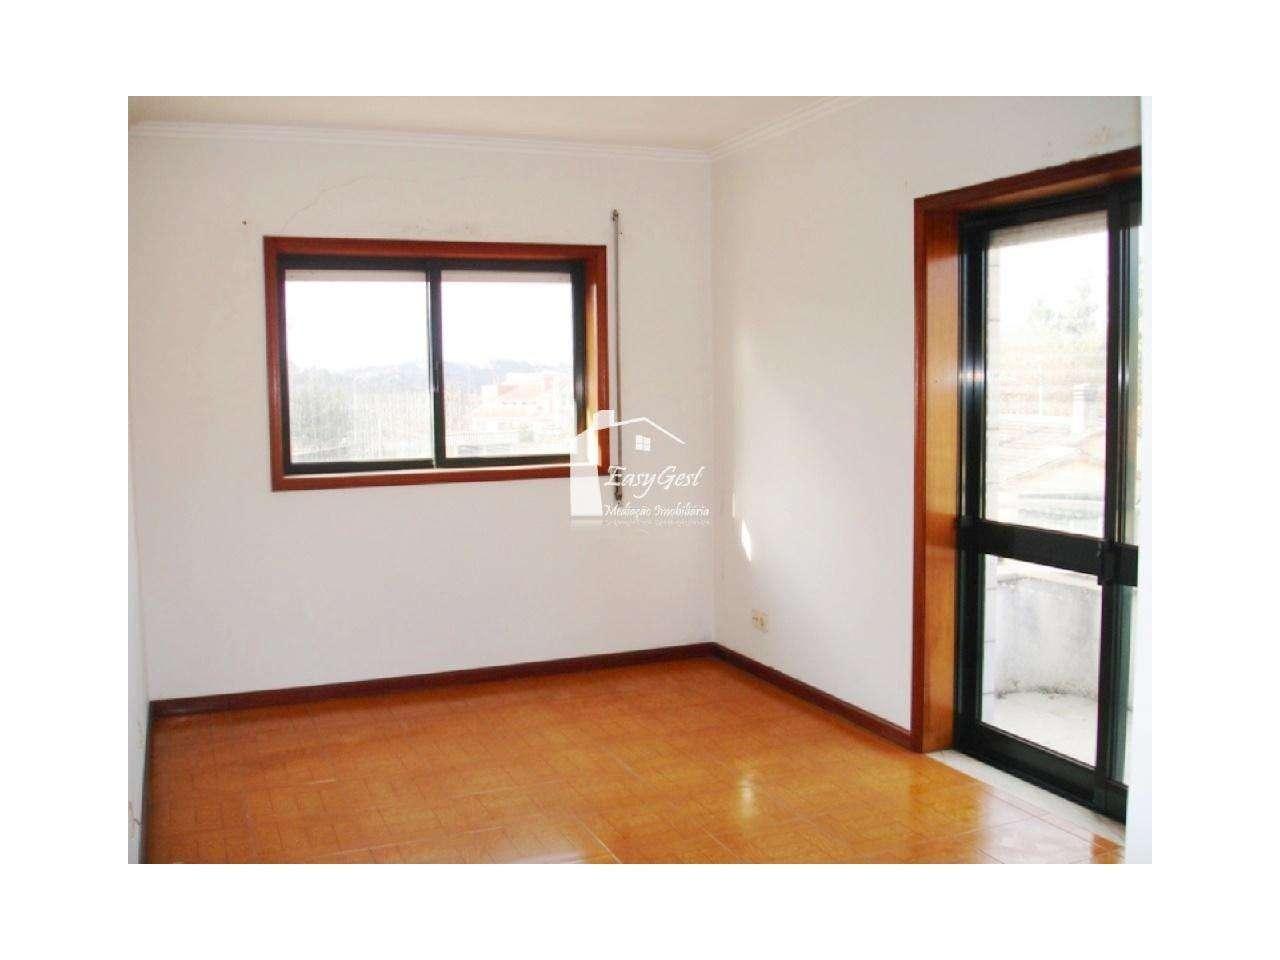 Apartamento para comprar, São Roque, Aveiro - Foto 5